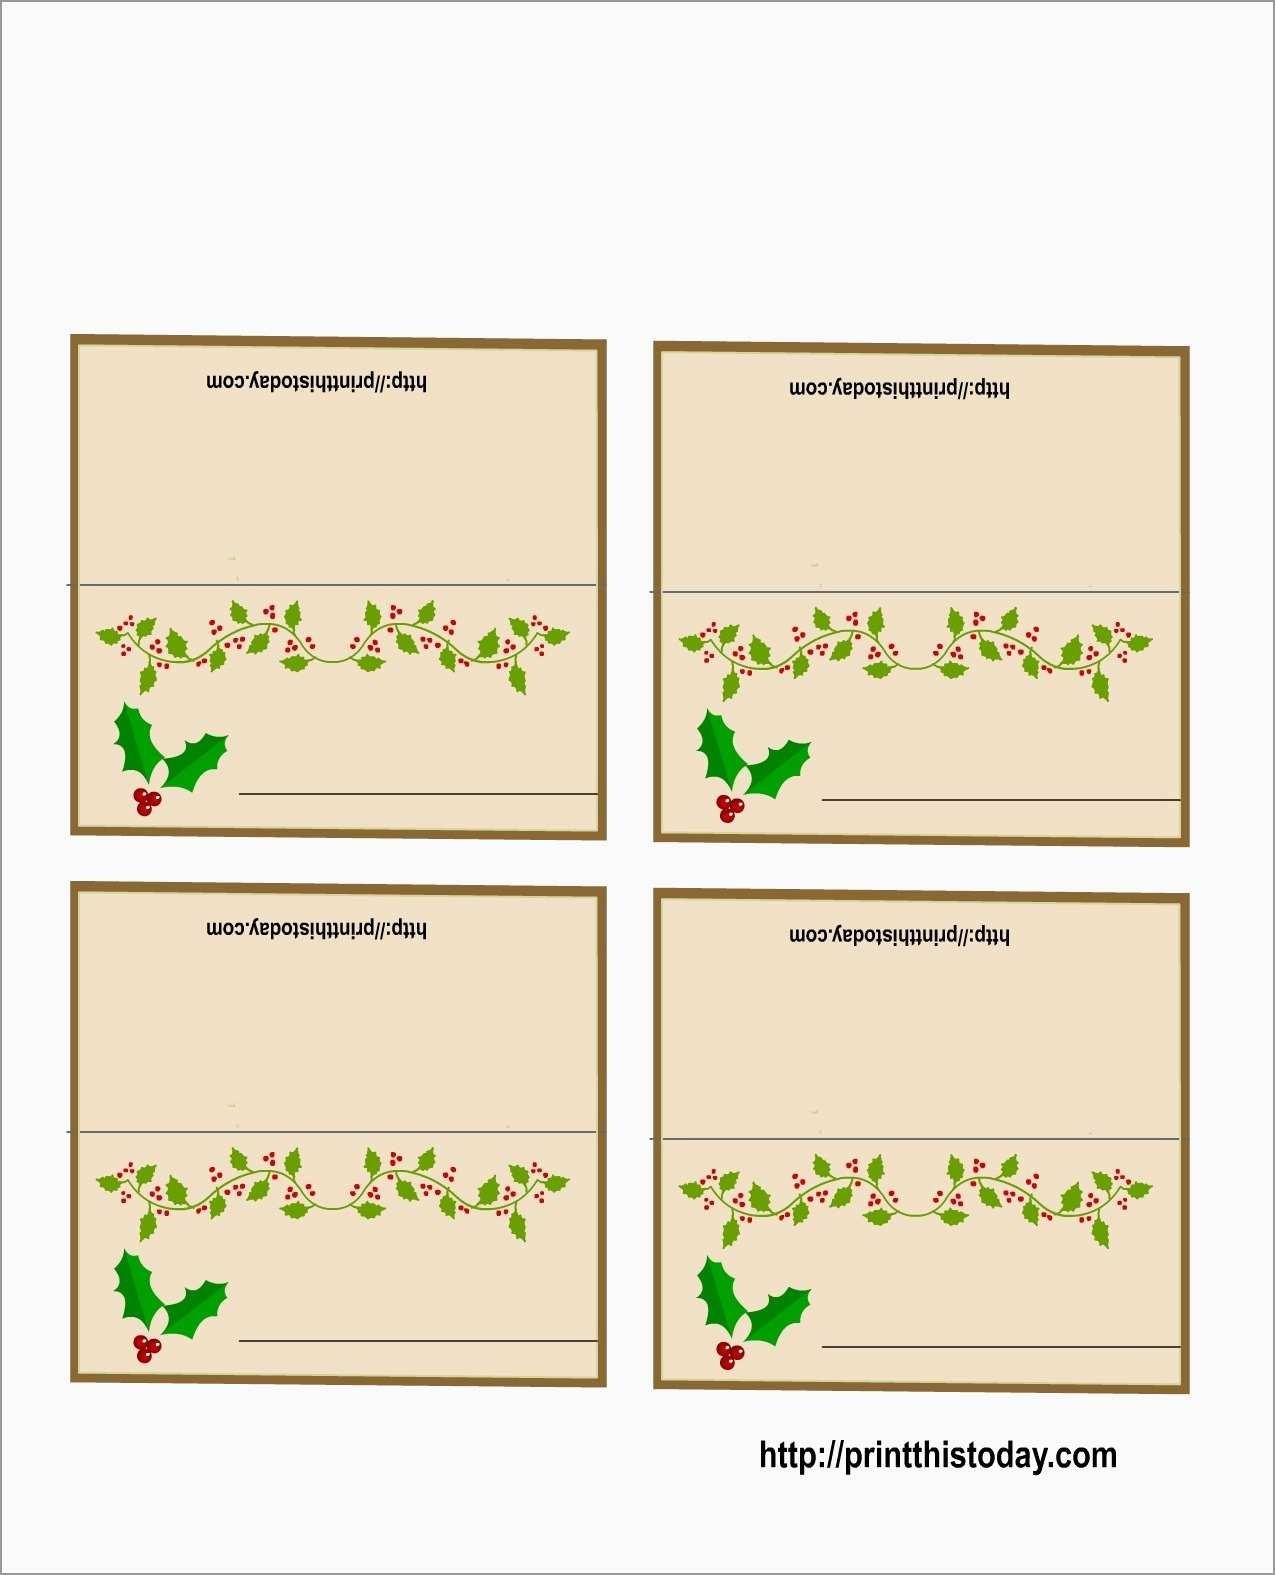 Awesome Free Printable Christmas Table Place Cards Template   Best - Free Printable Place Card Templates Christmas